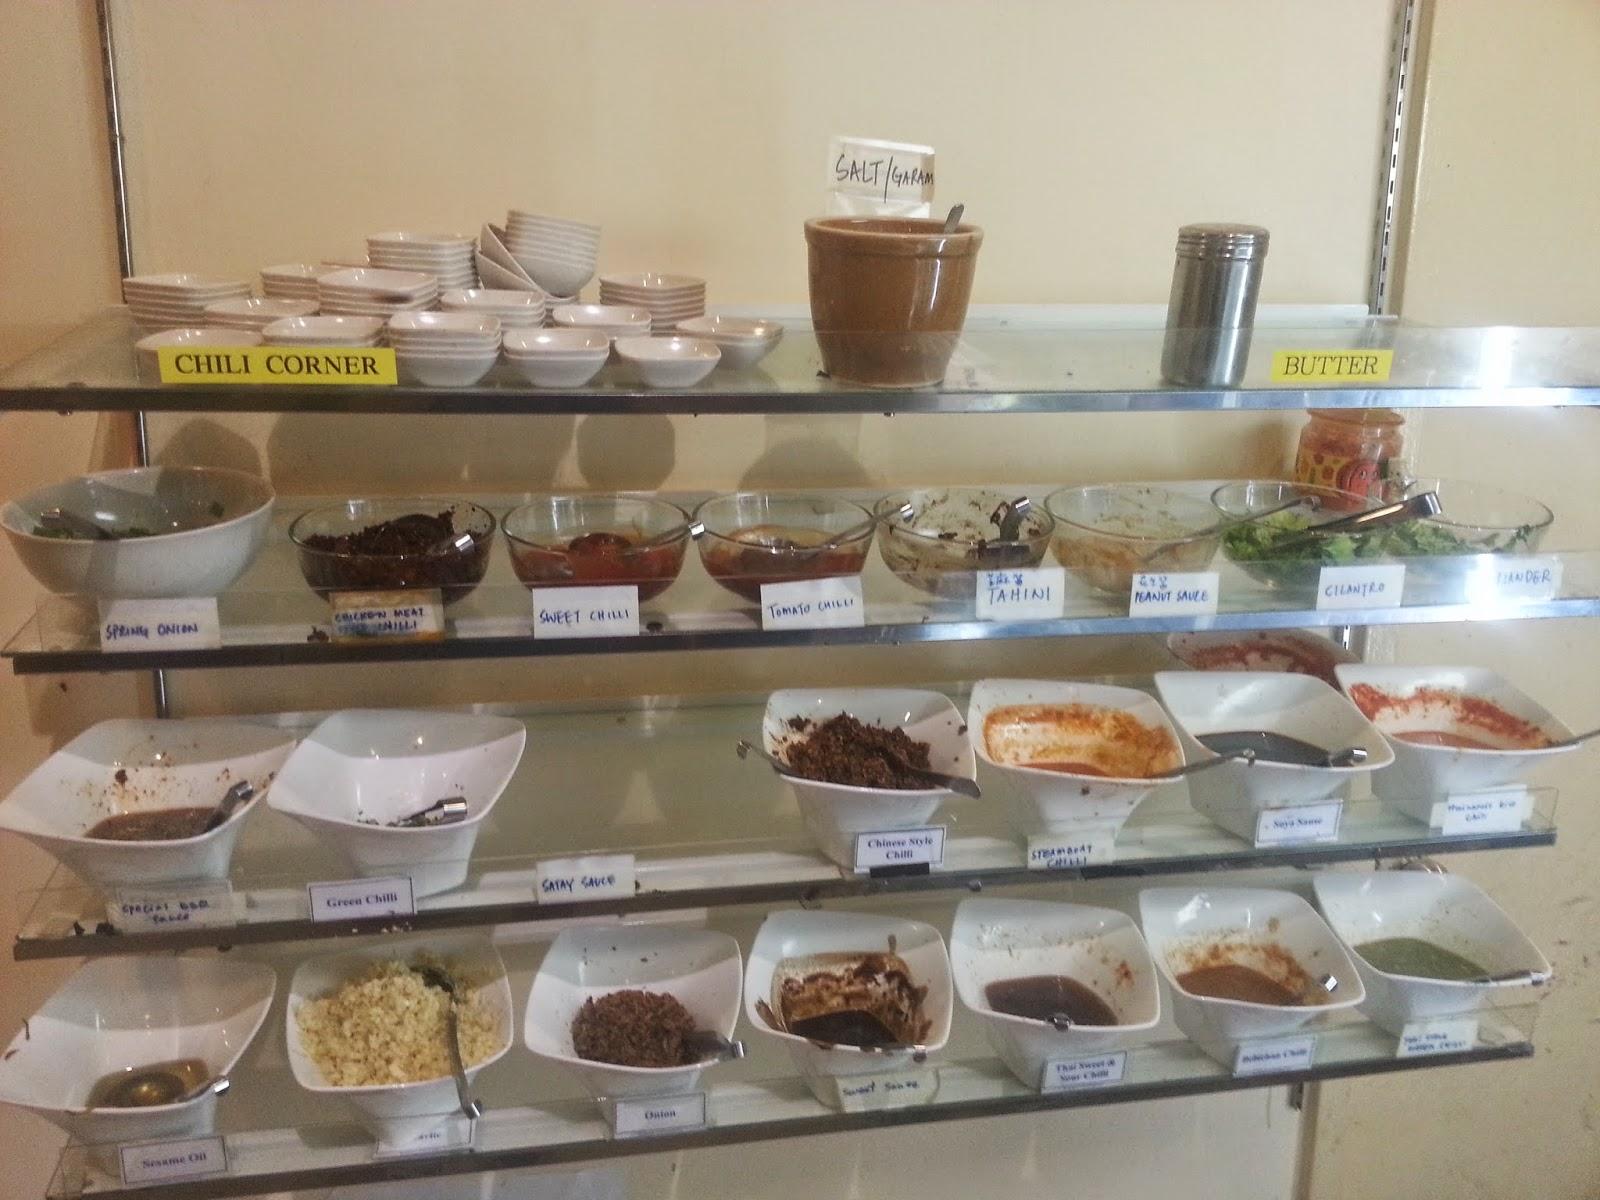 Eat now food blog in malaysia food 31 bobogo for Food bar kota damansara